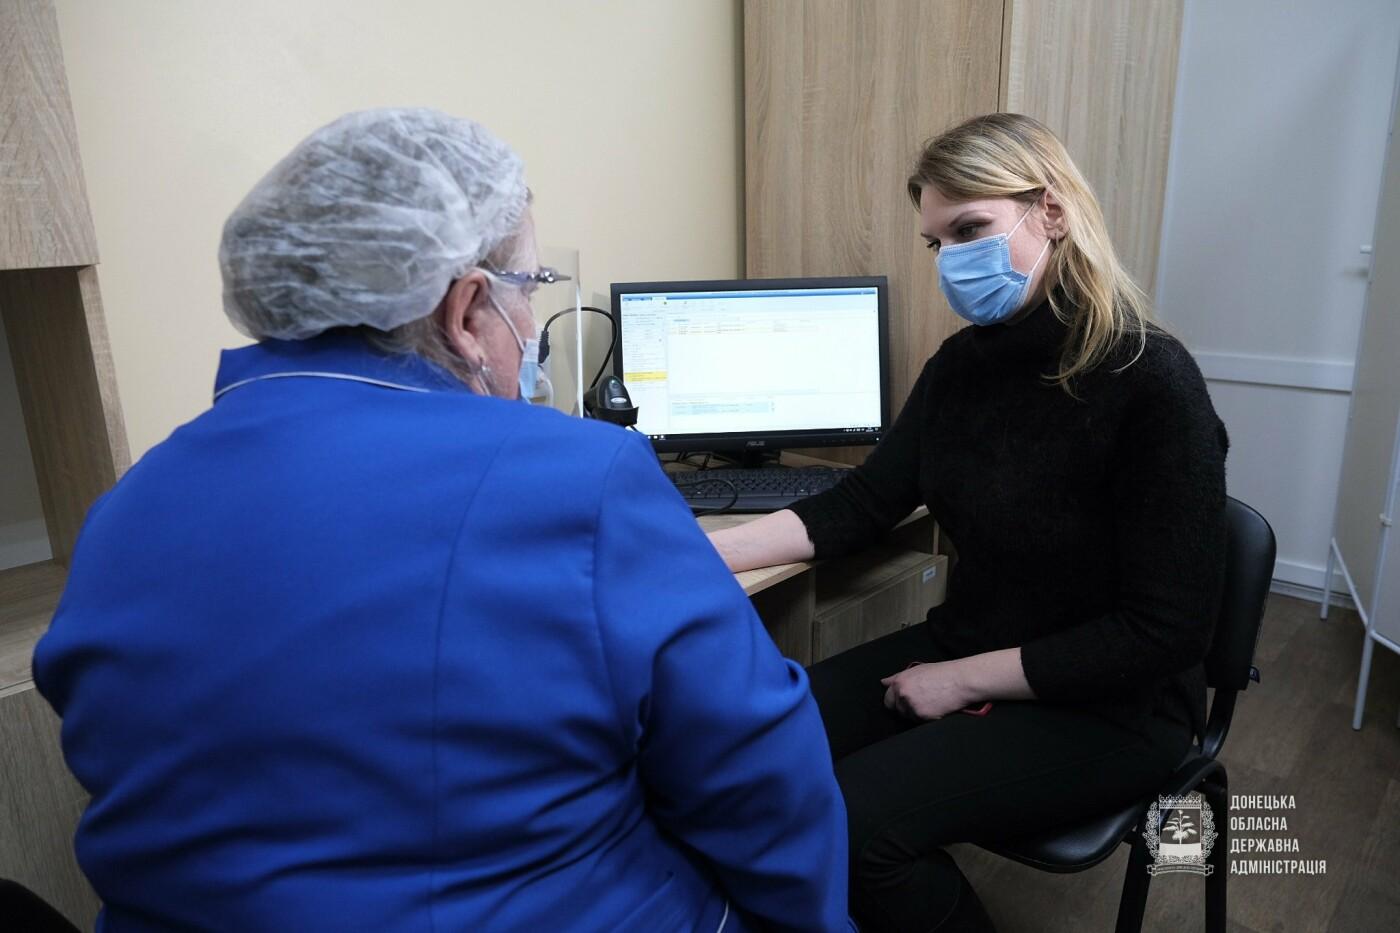 У Донецькій області першу дозу вакцини проти COVID-19 отримала медсестра, фото-1